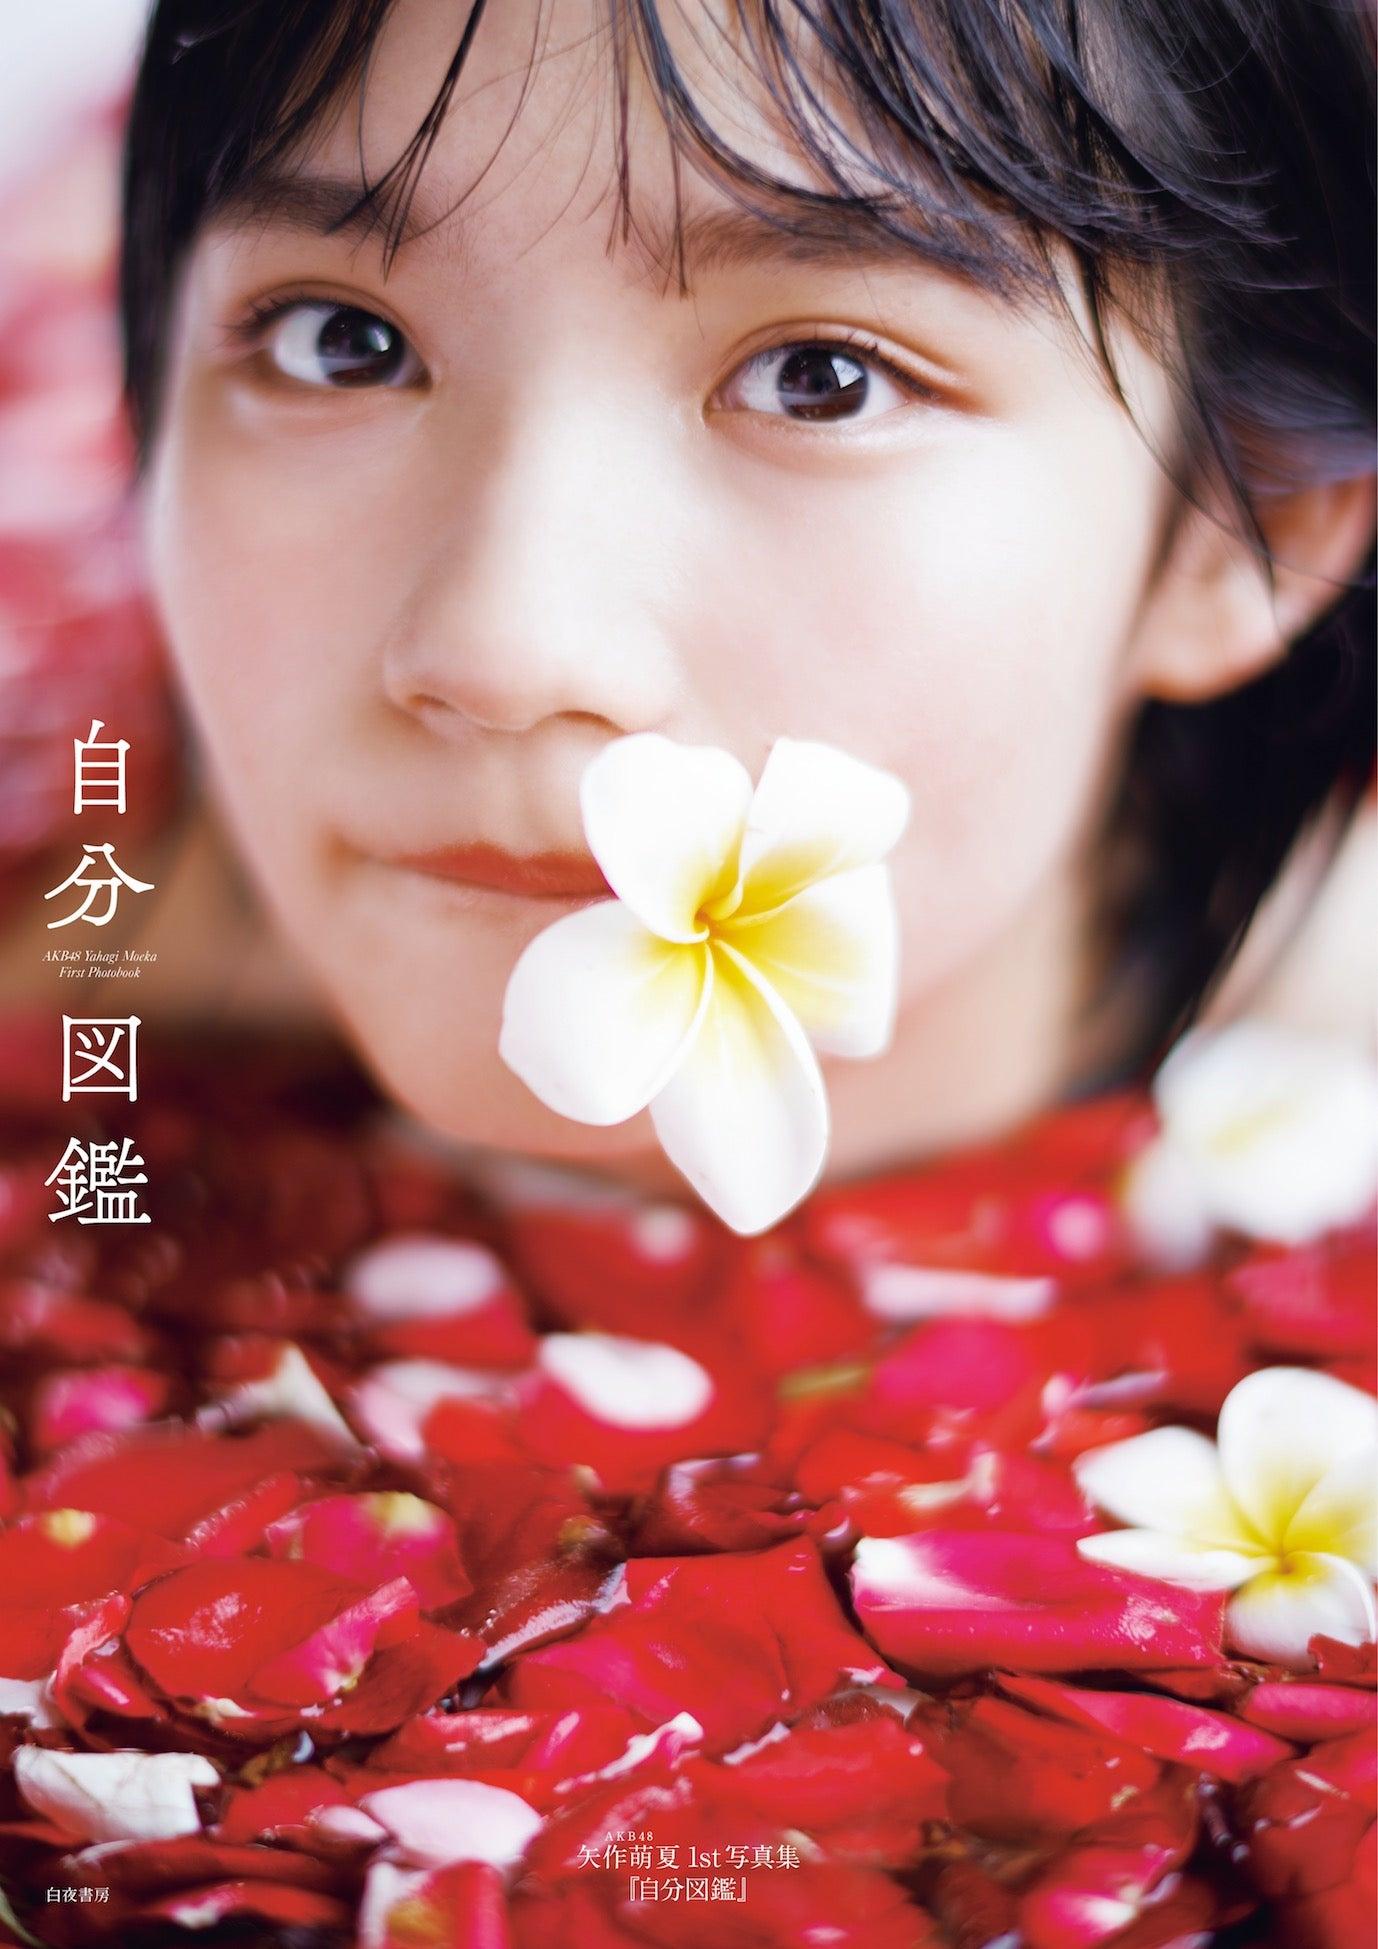 矢作萌夏】8/8(木)1st写真集『自分図鑑』発売記念お渡し会